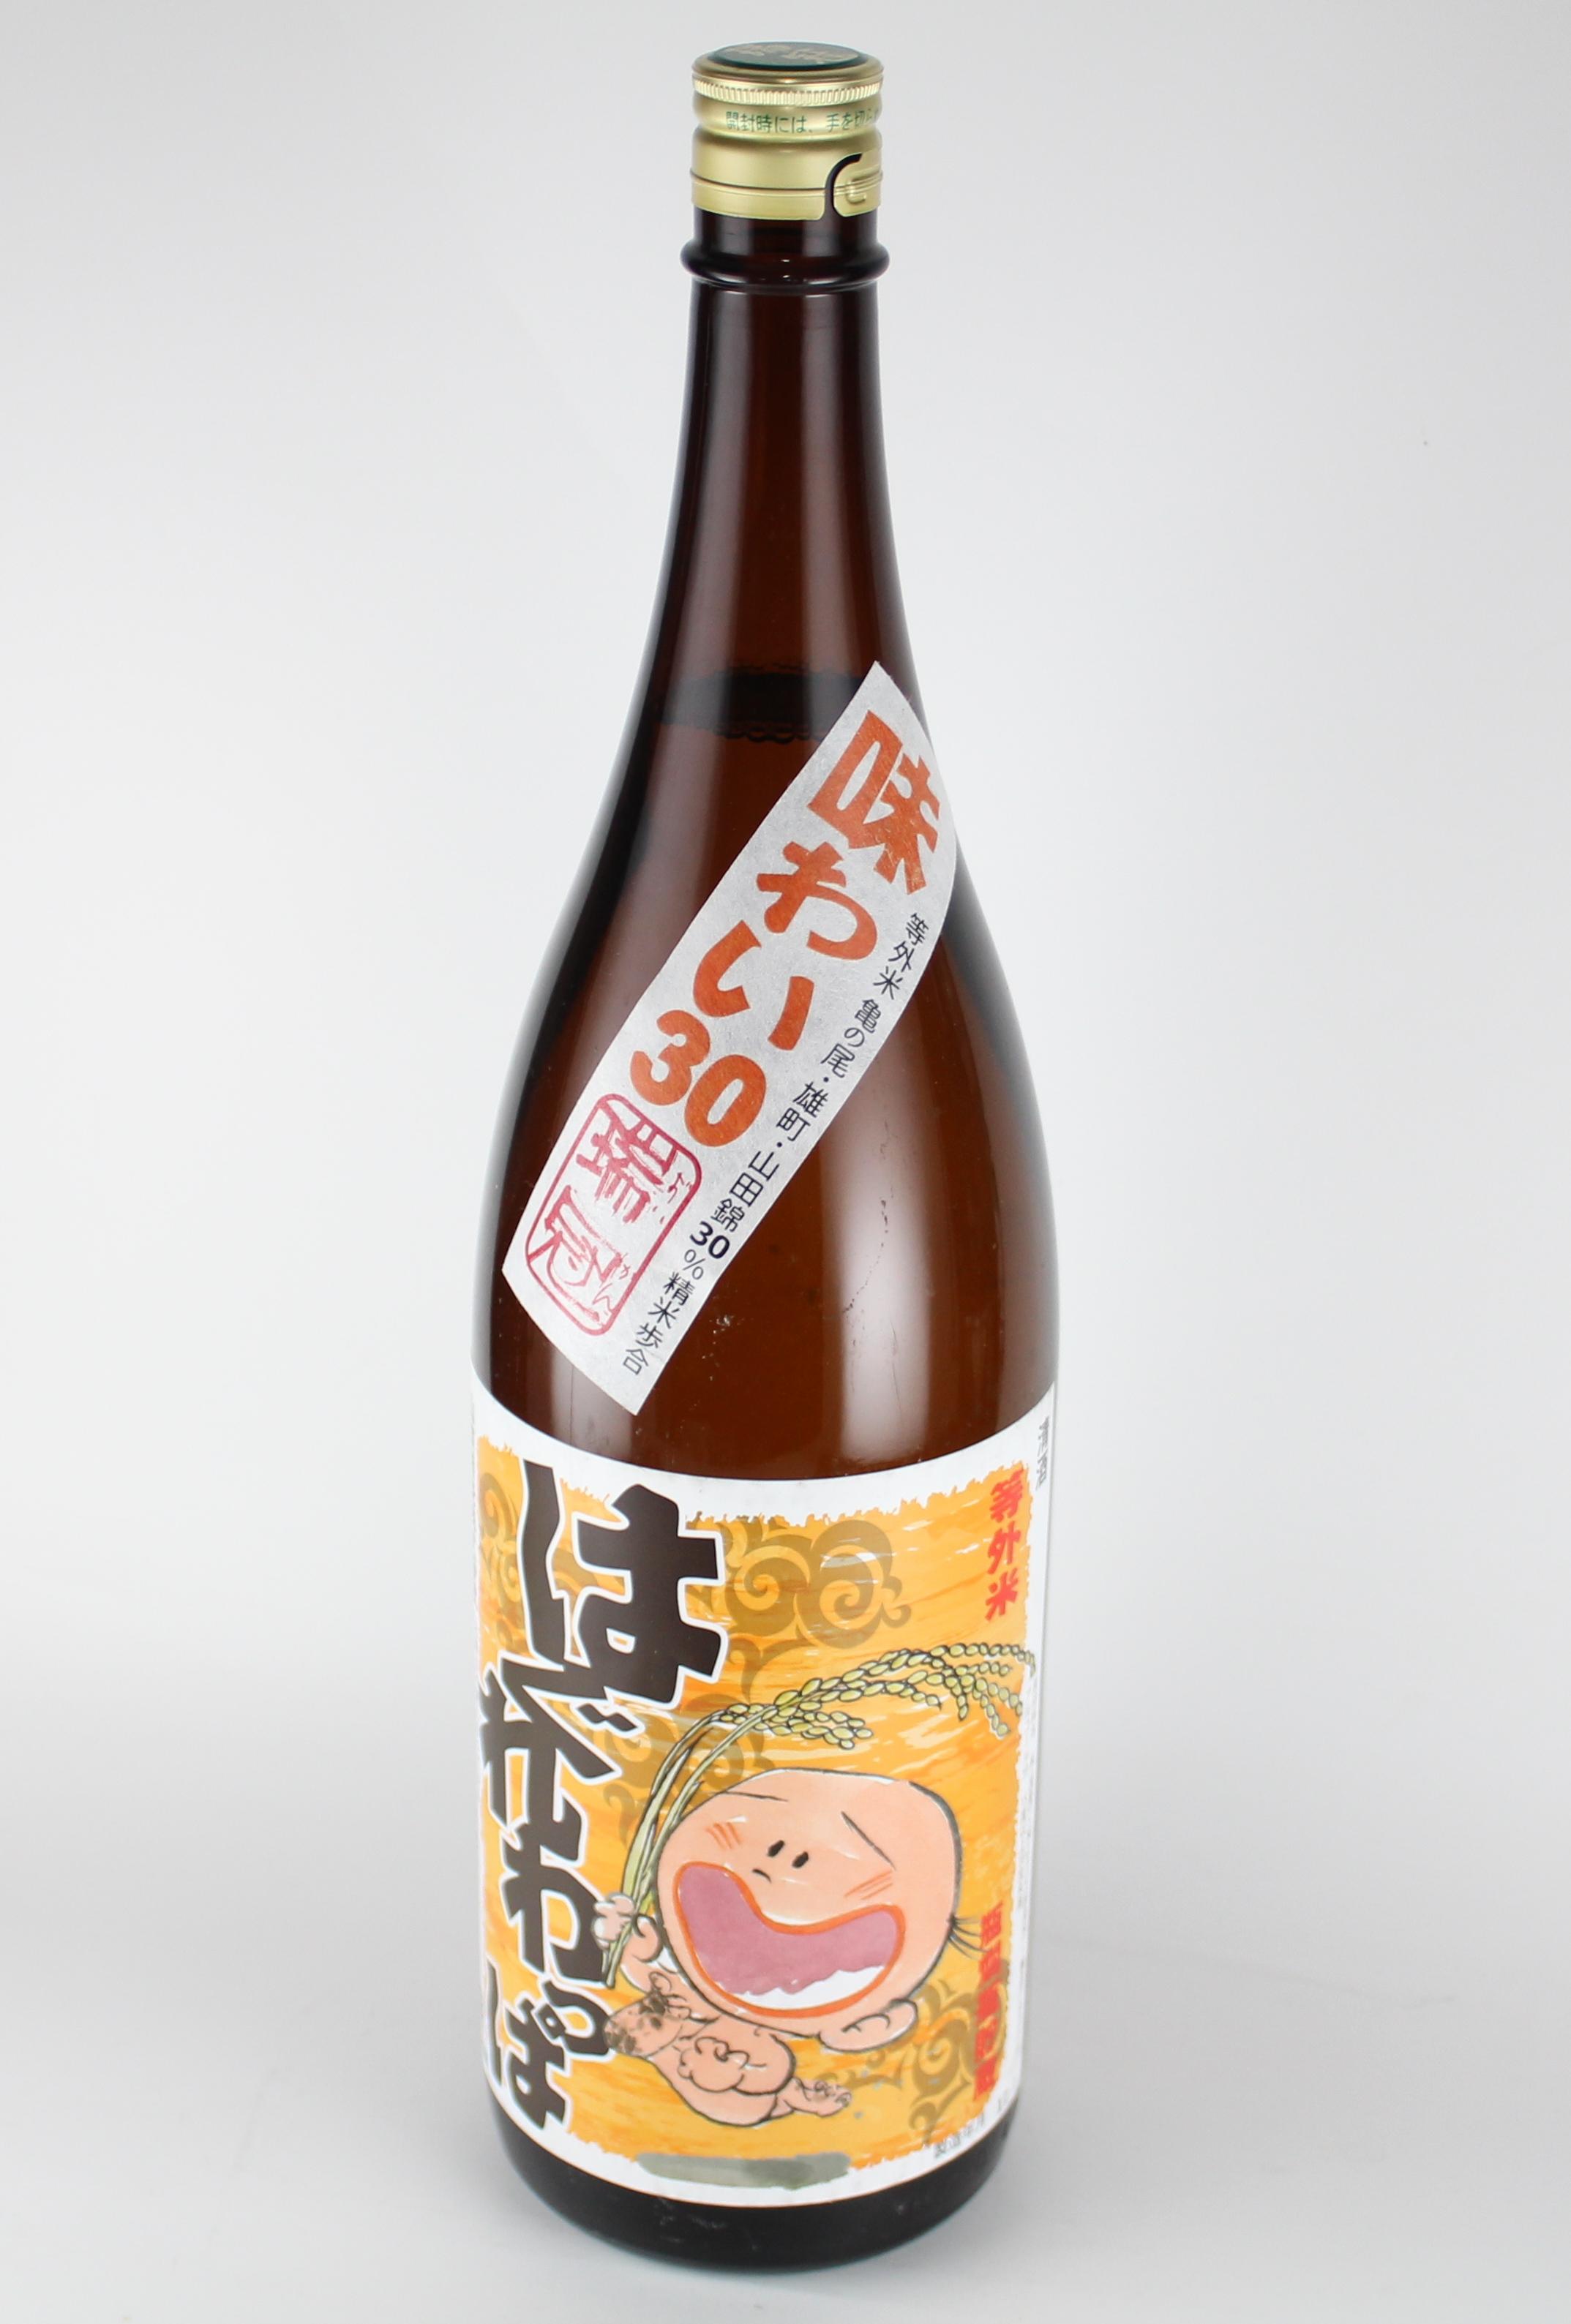 瑞冠 はぐれわっぱ 味わい30 1800ml 【広島/山岡酒造】